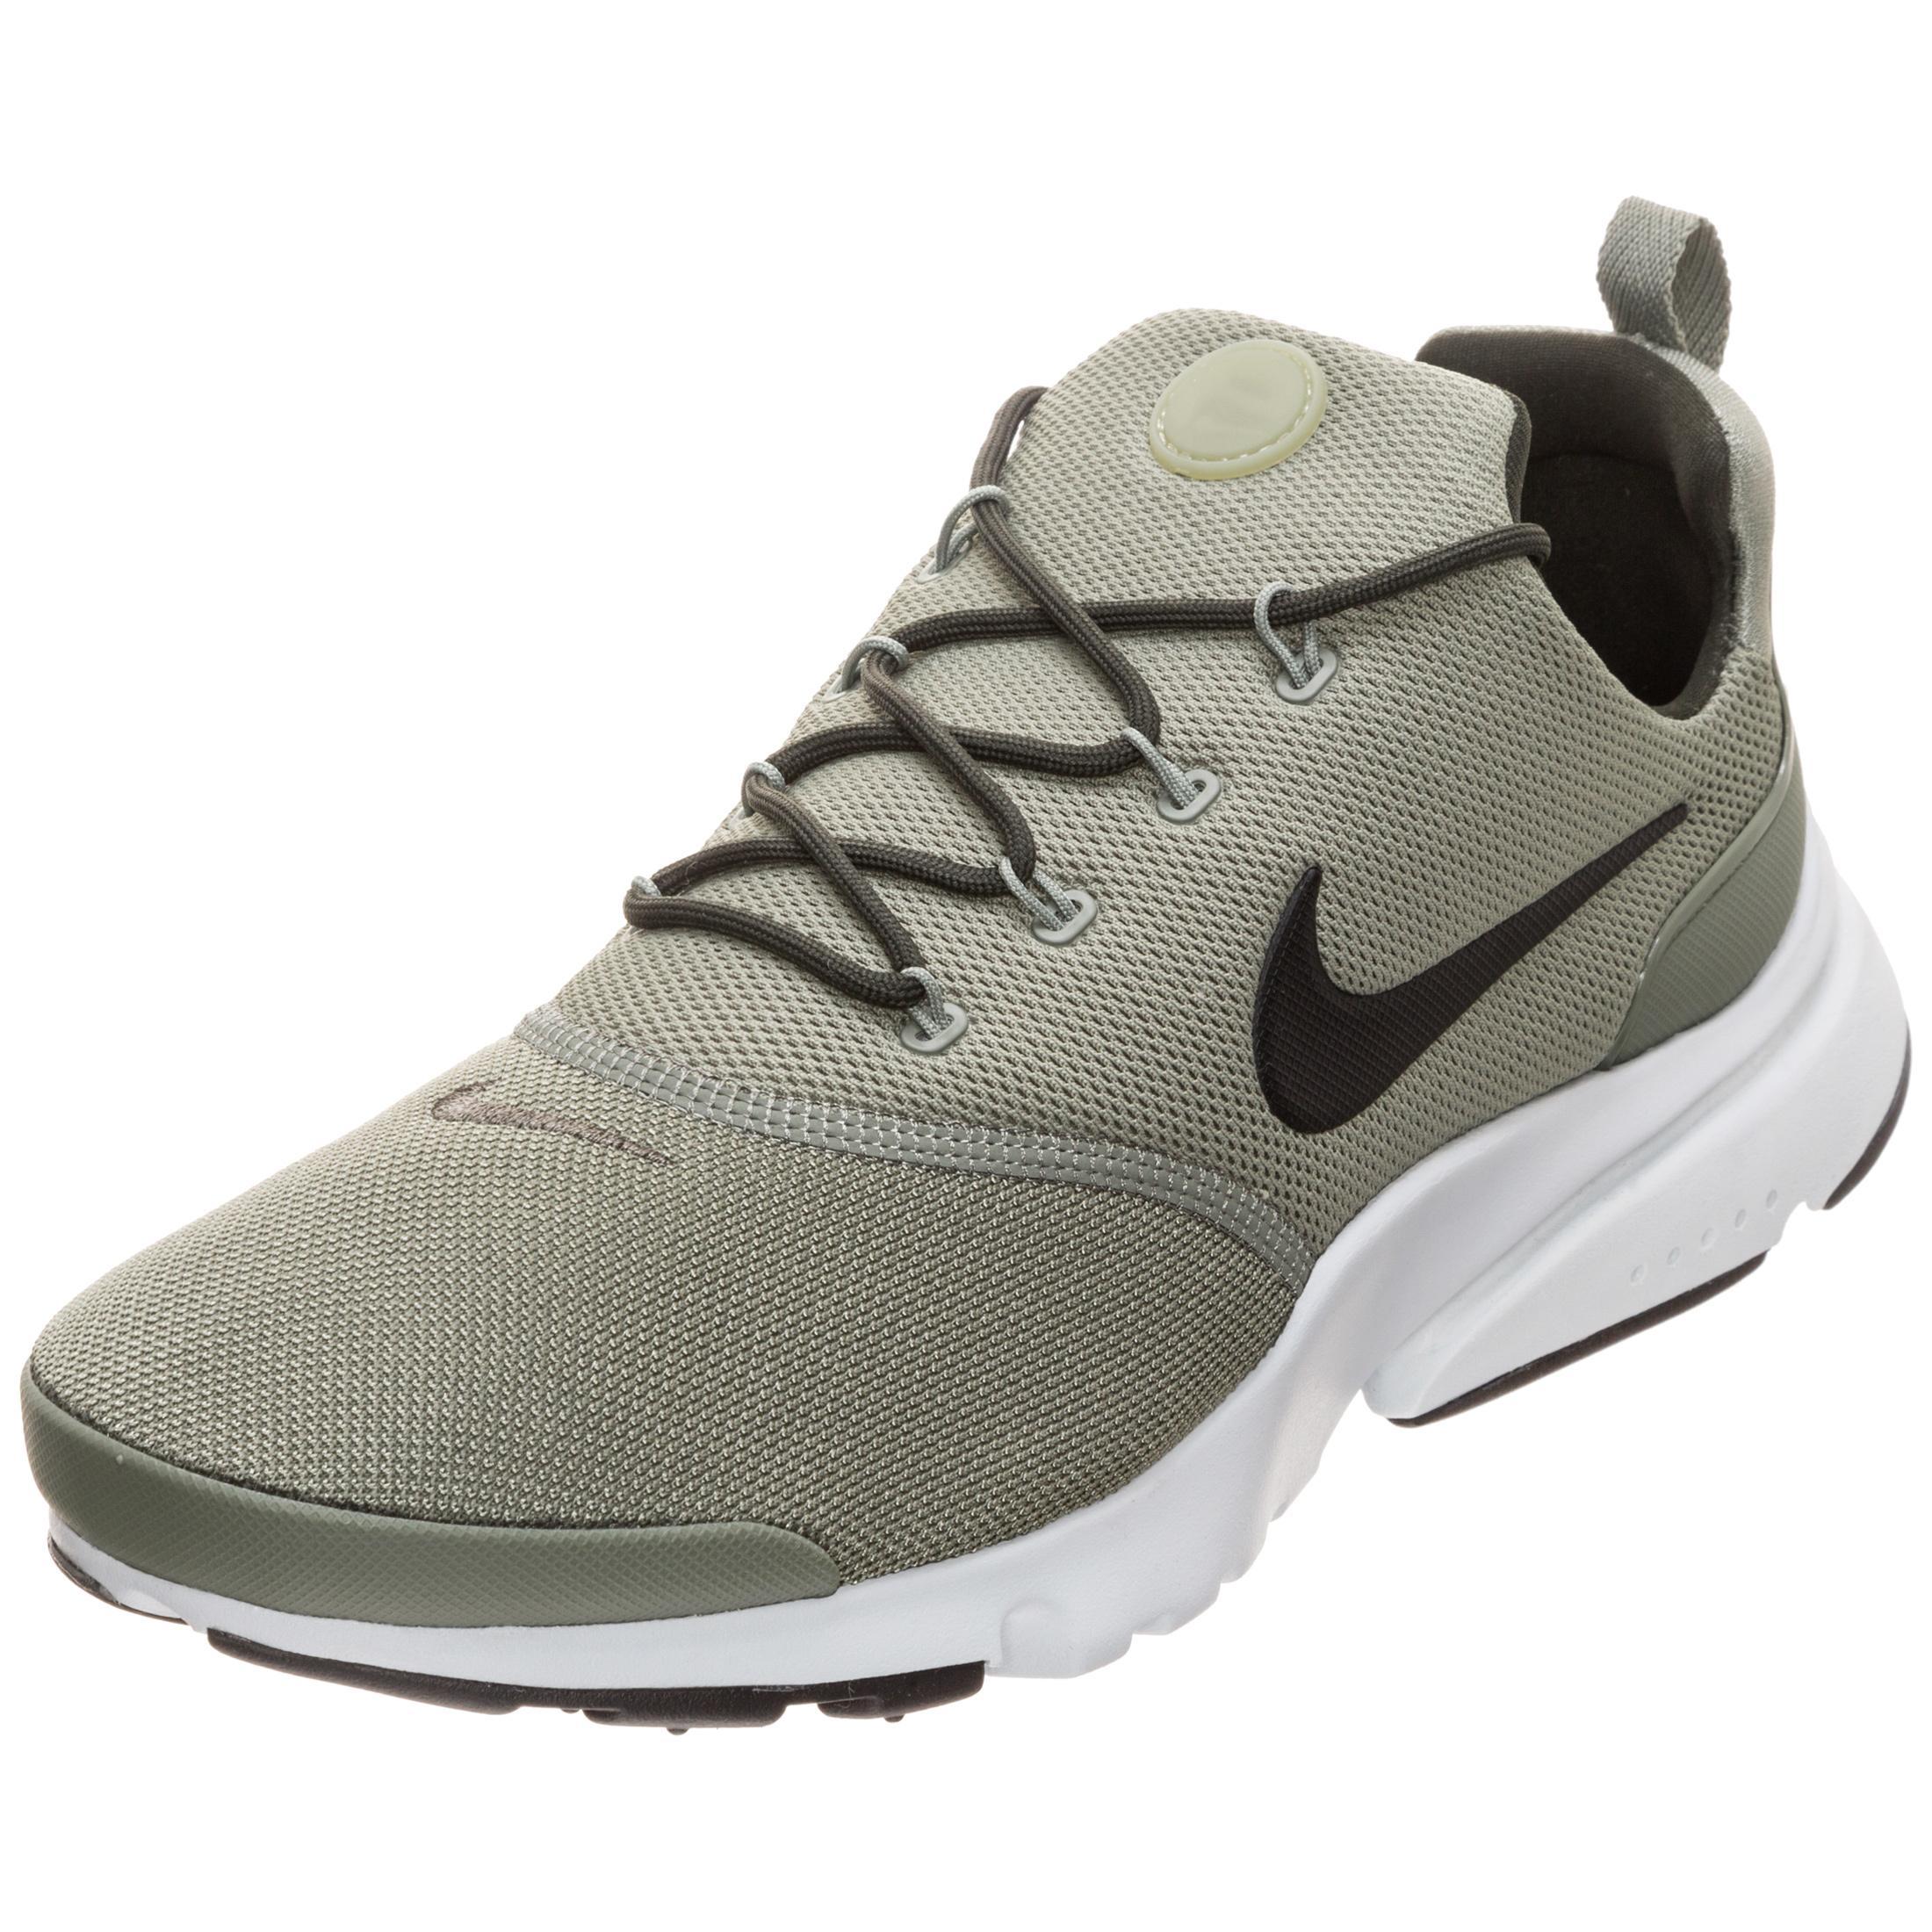 Nike Air Presto Fly Sneaker Herren khaki / grau im Online Shop von  SportScheck kaufen